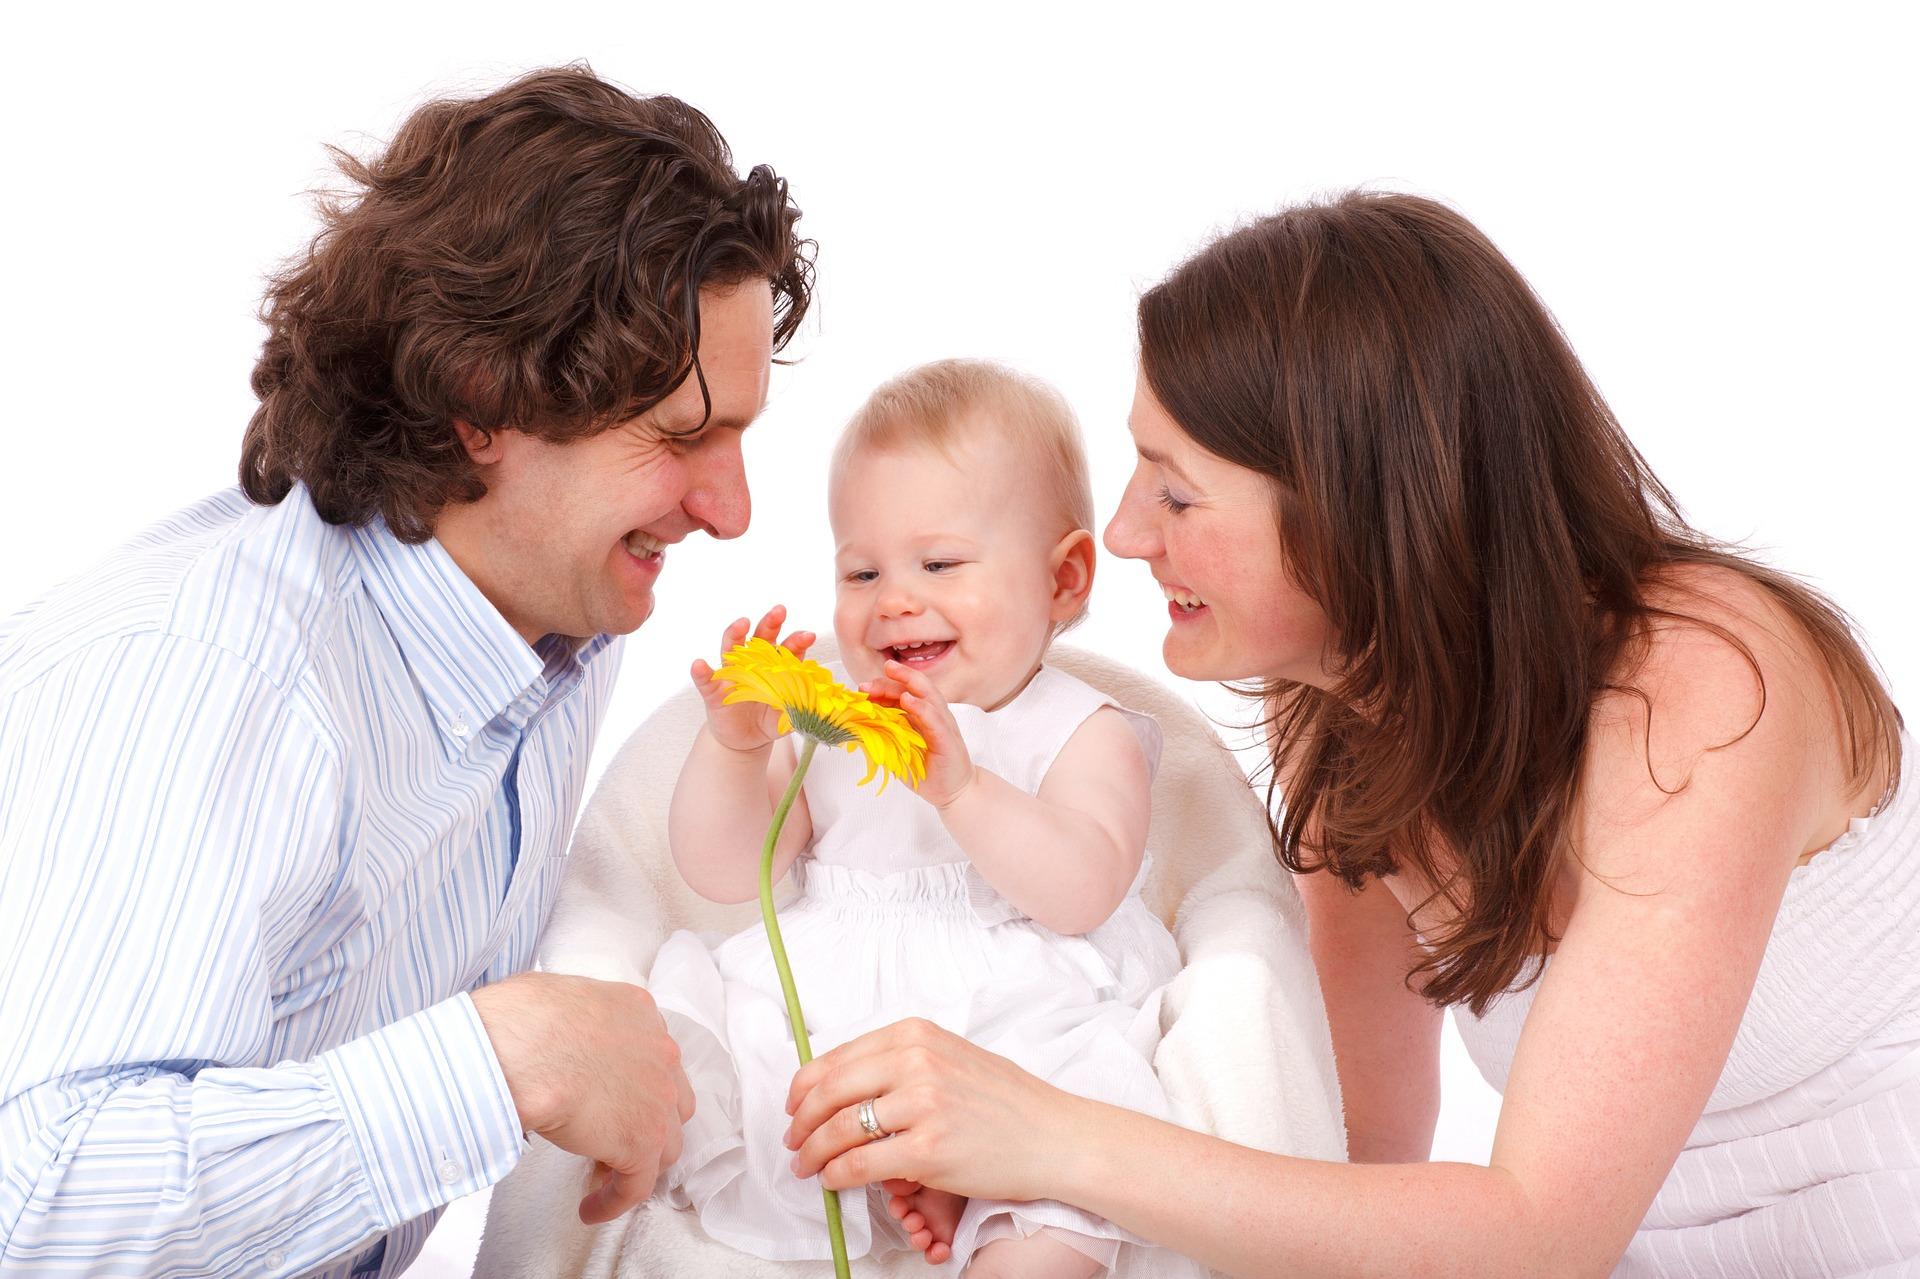 familie copii parinti - sfatulparintilor.ro - pixabay_com